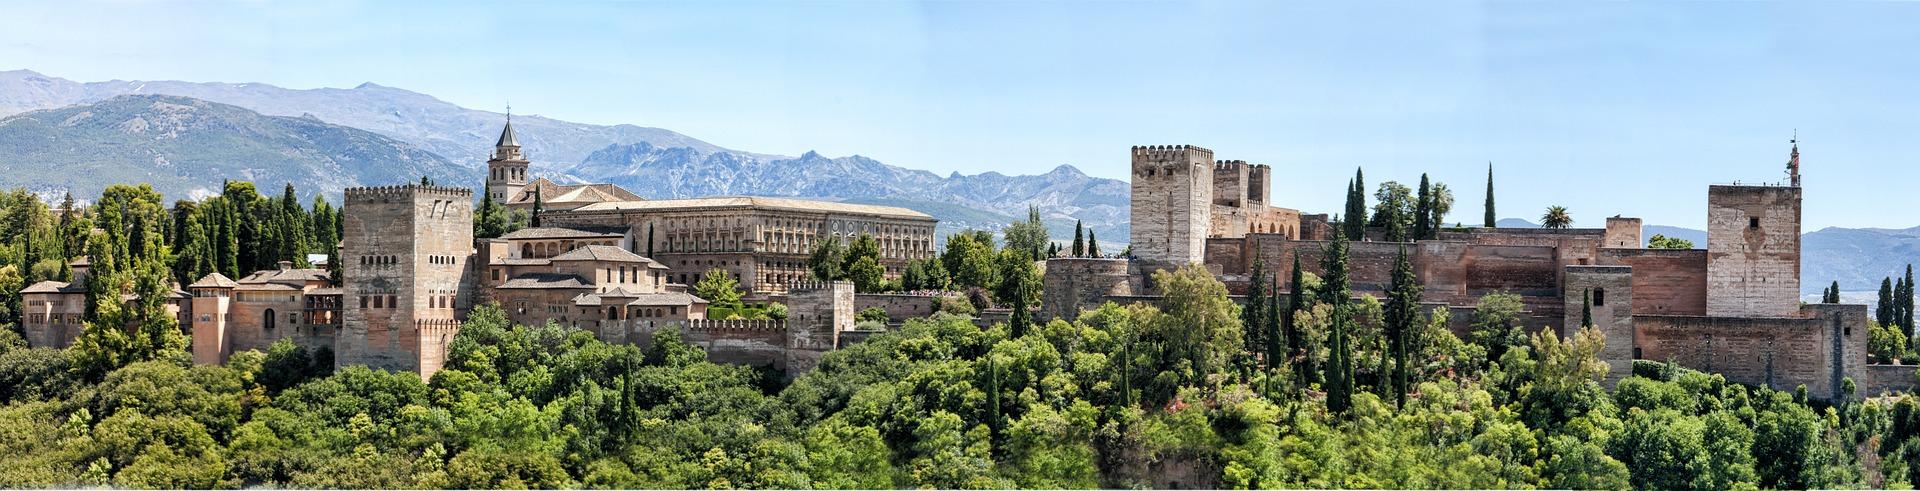 alhambra-1285842_1920.jpg